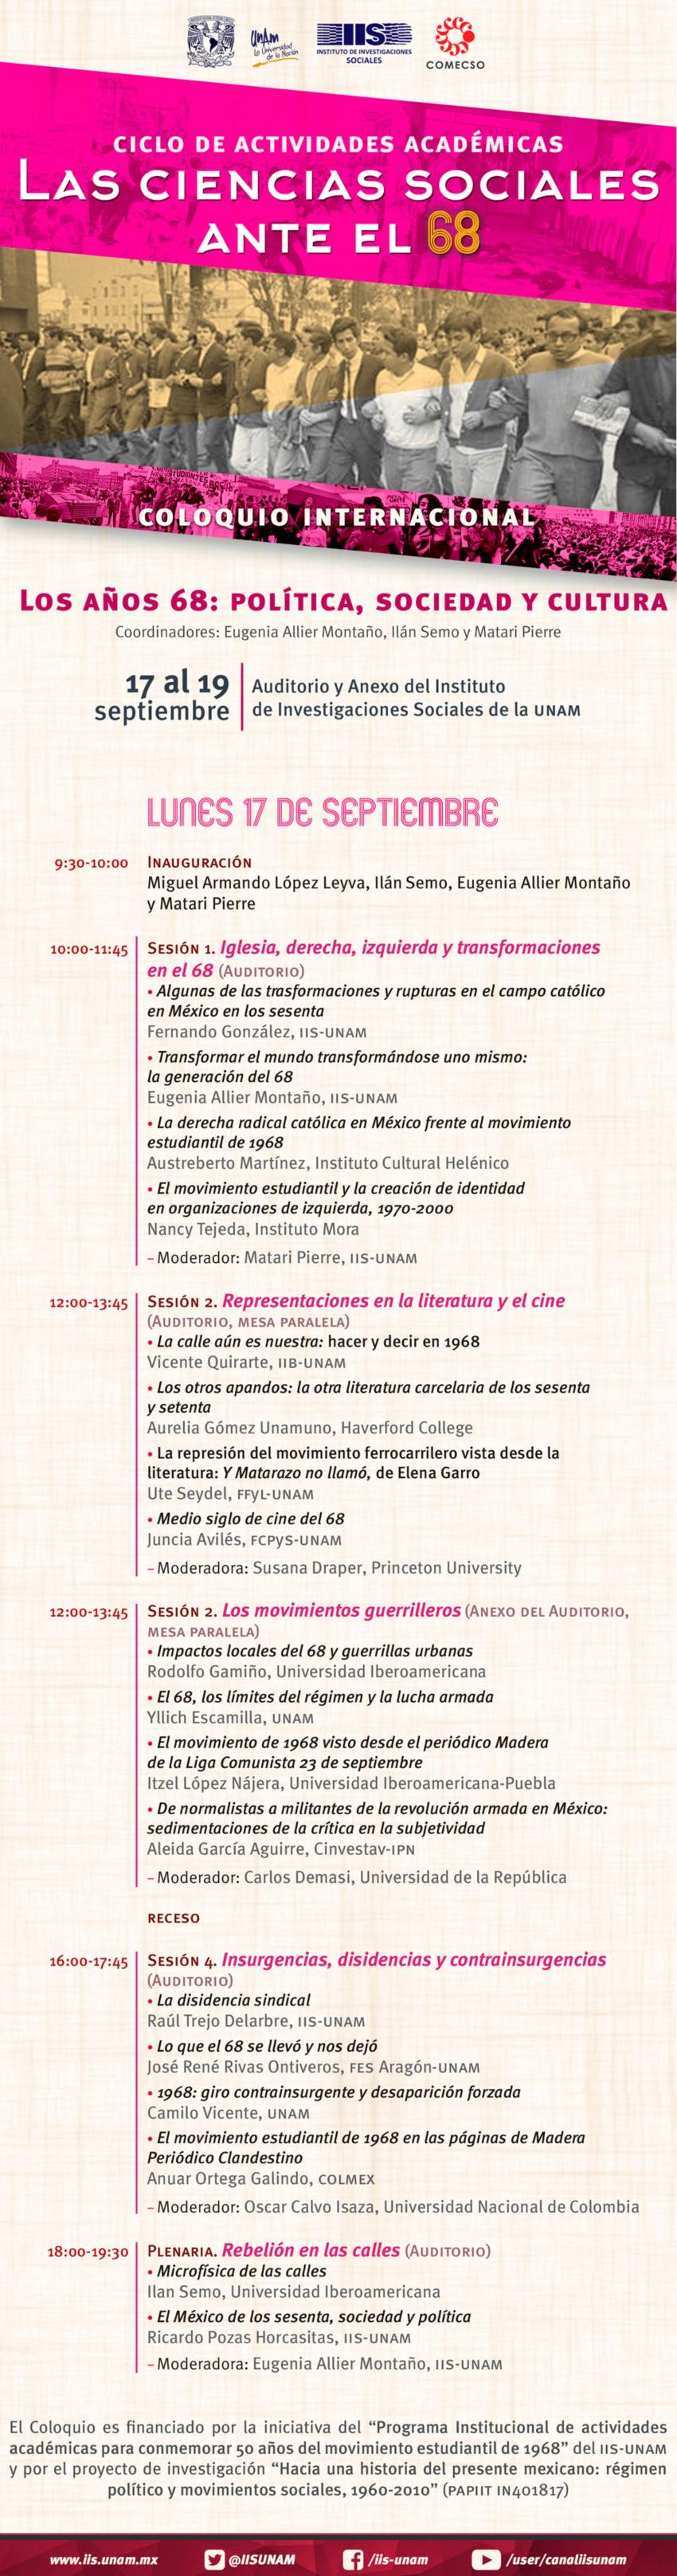 Programa 17 de septiembre. Los años 68: política, sociedad y cultura